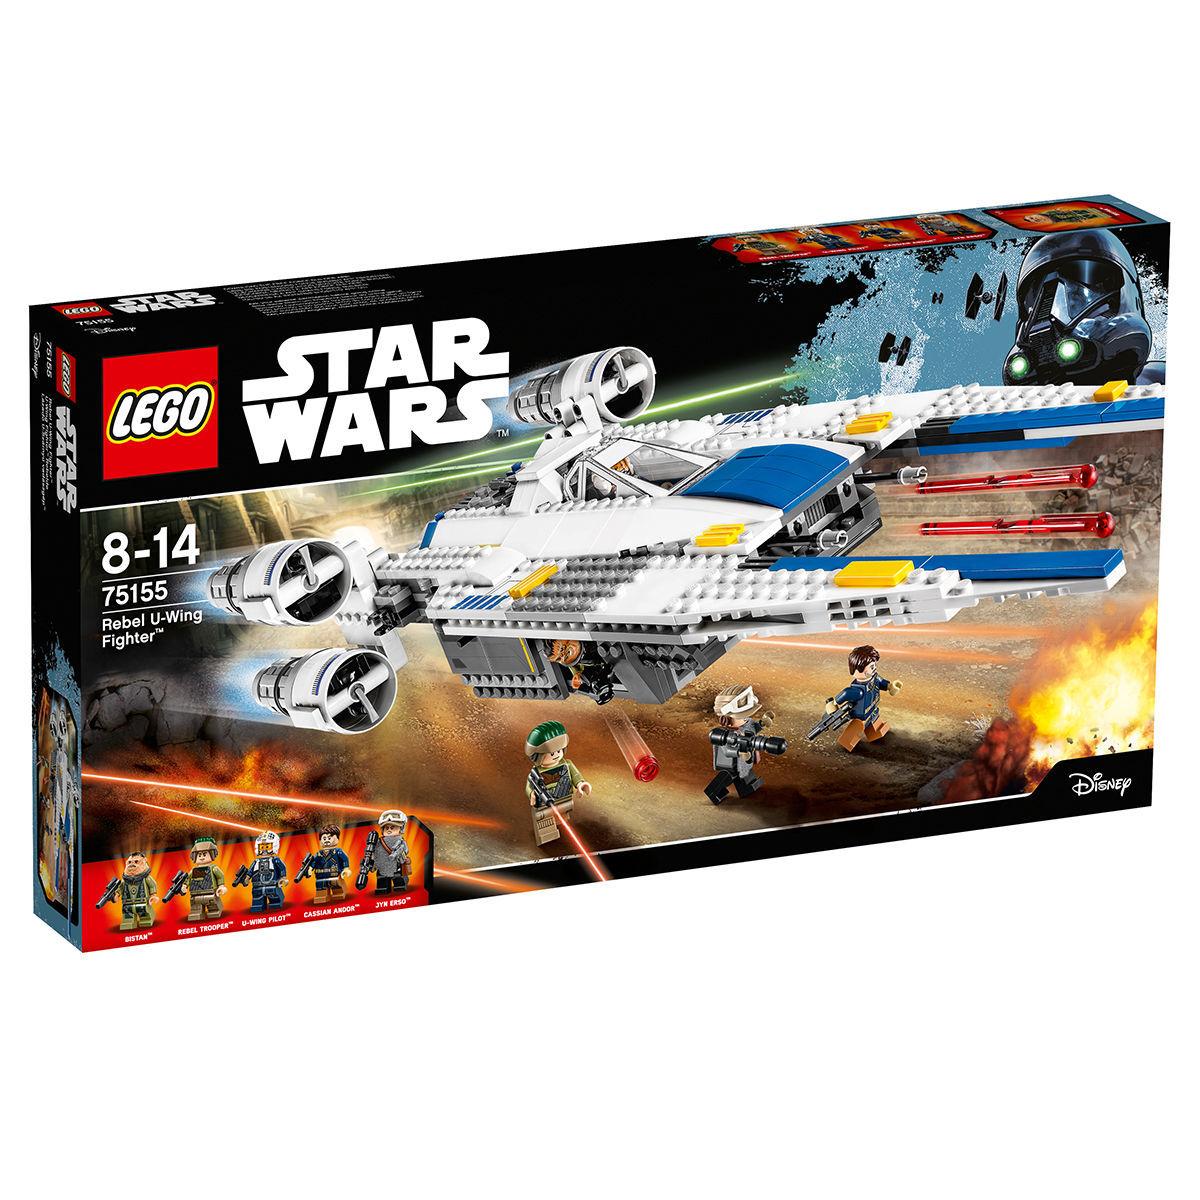 20% auf Artikel der Marke Lego am 06. & 07.02., Bsp. Set 75155 für 63,99€ bei [Karstadt]